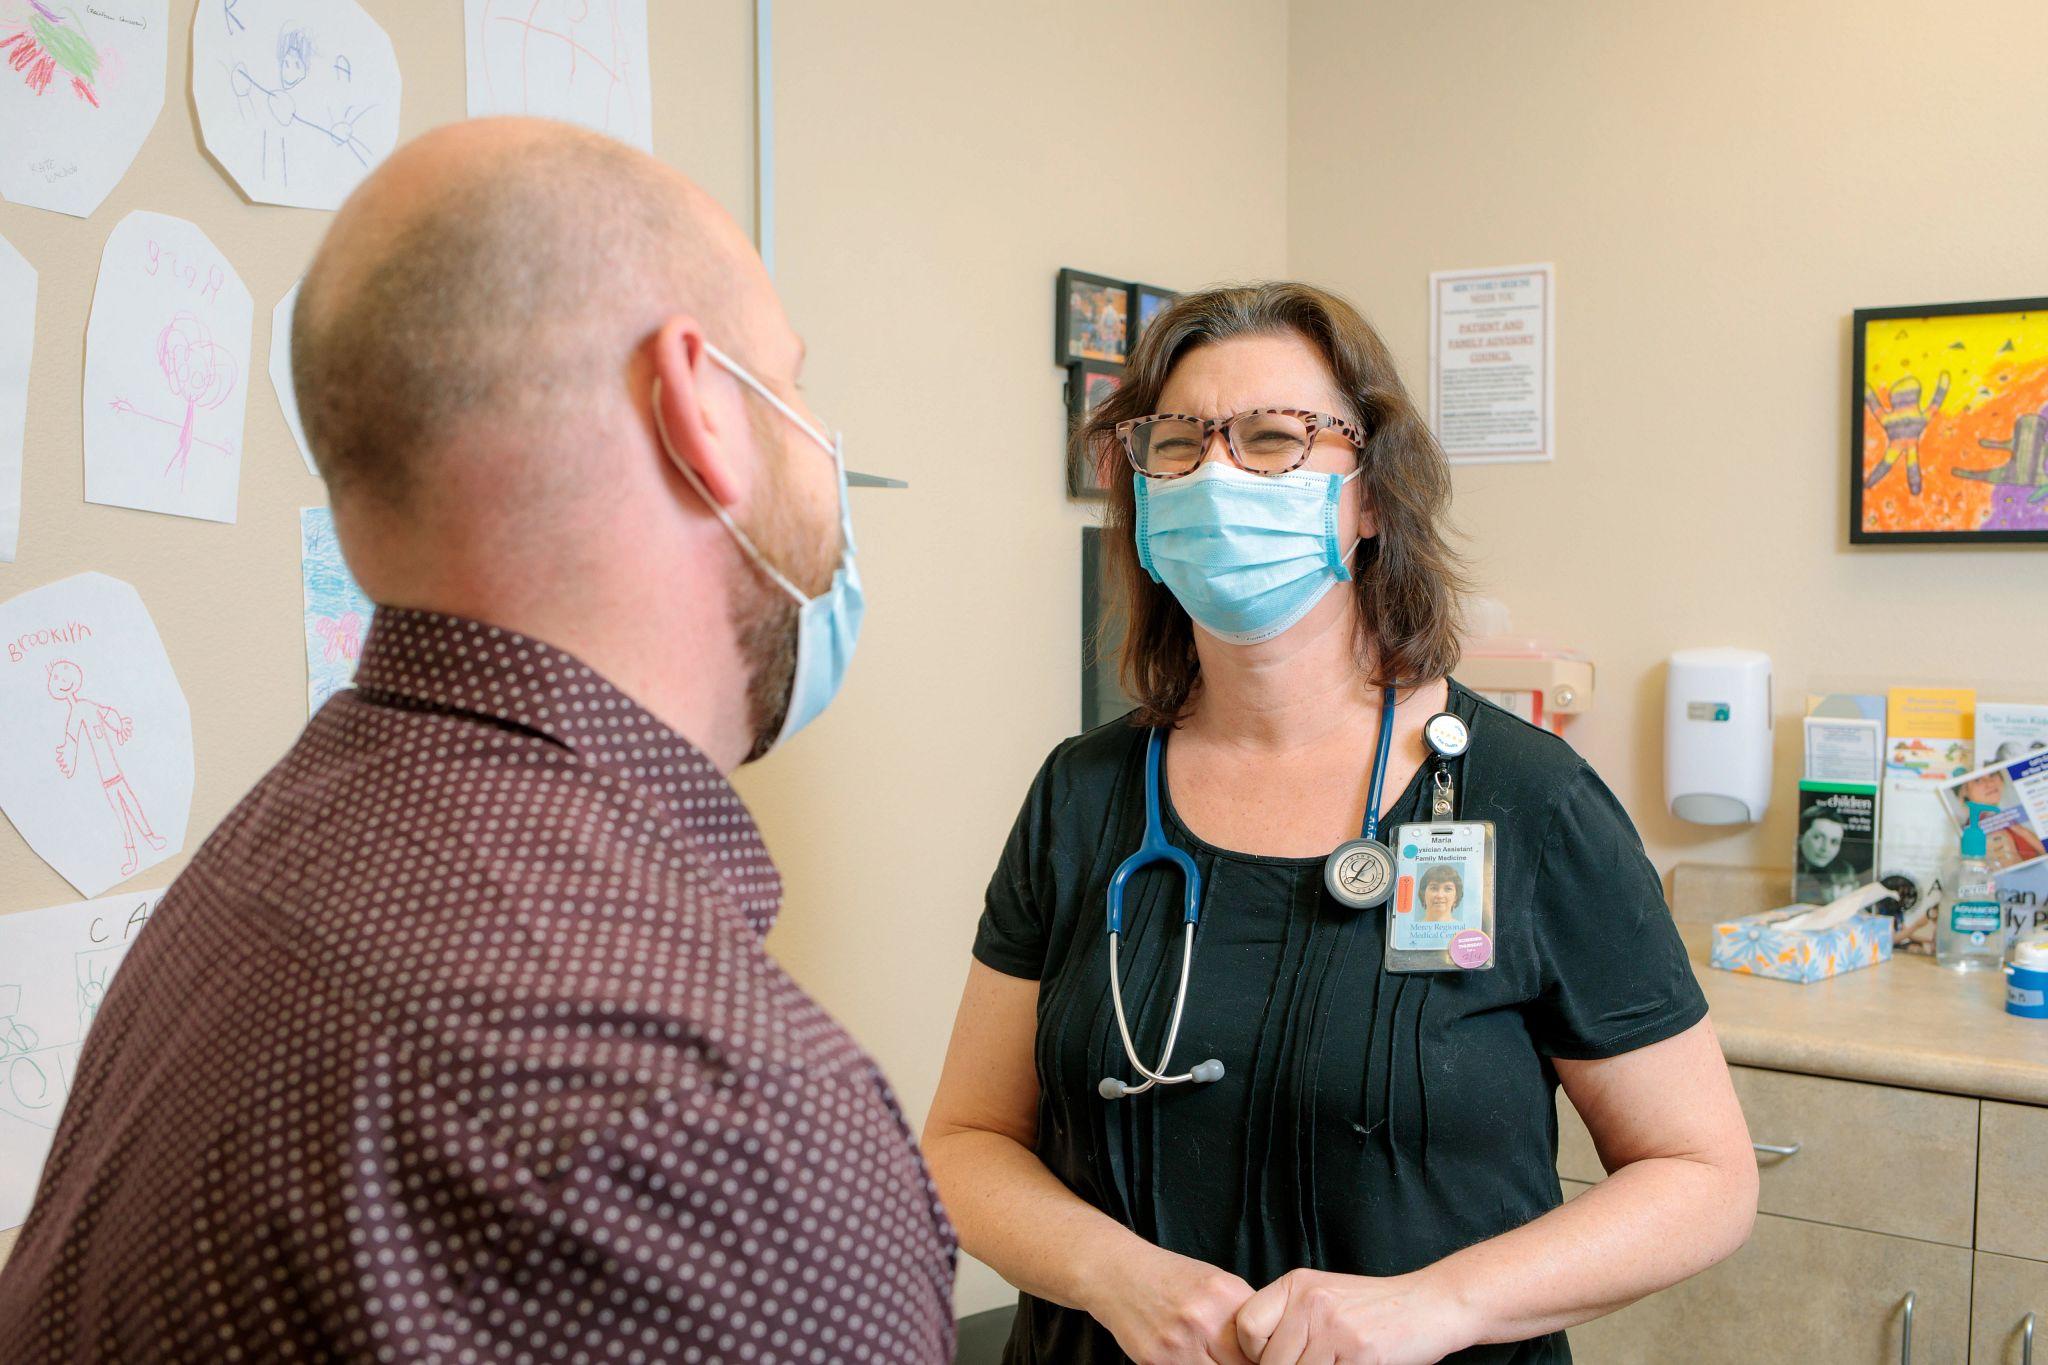 Maria Housley-Kolter, PA at Mercy Regional Hospital